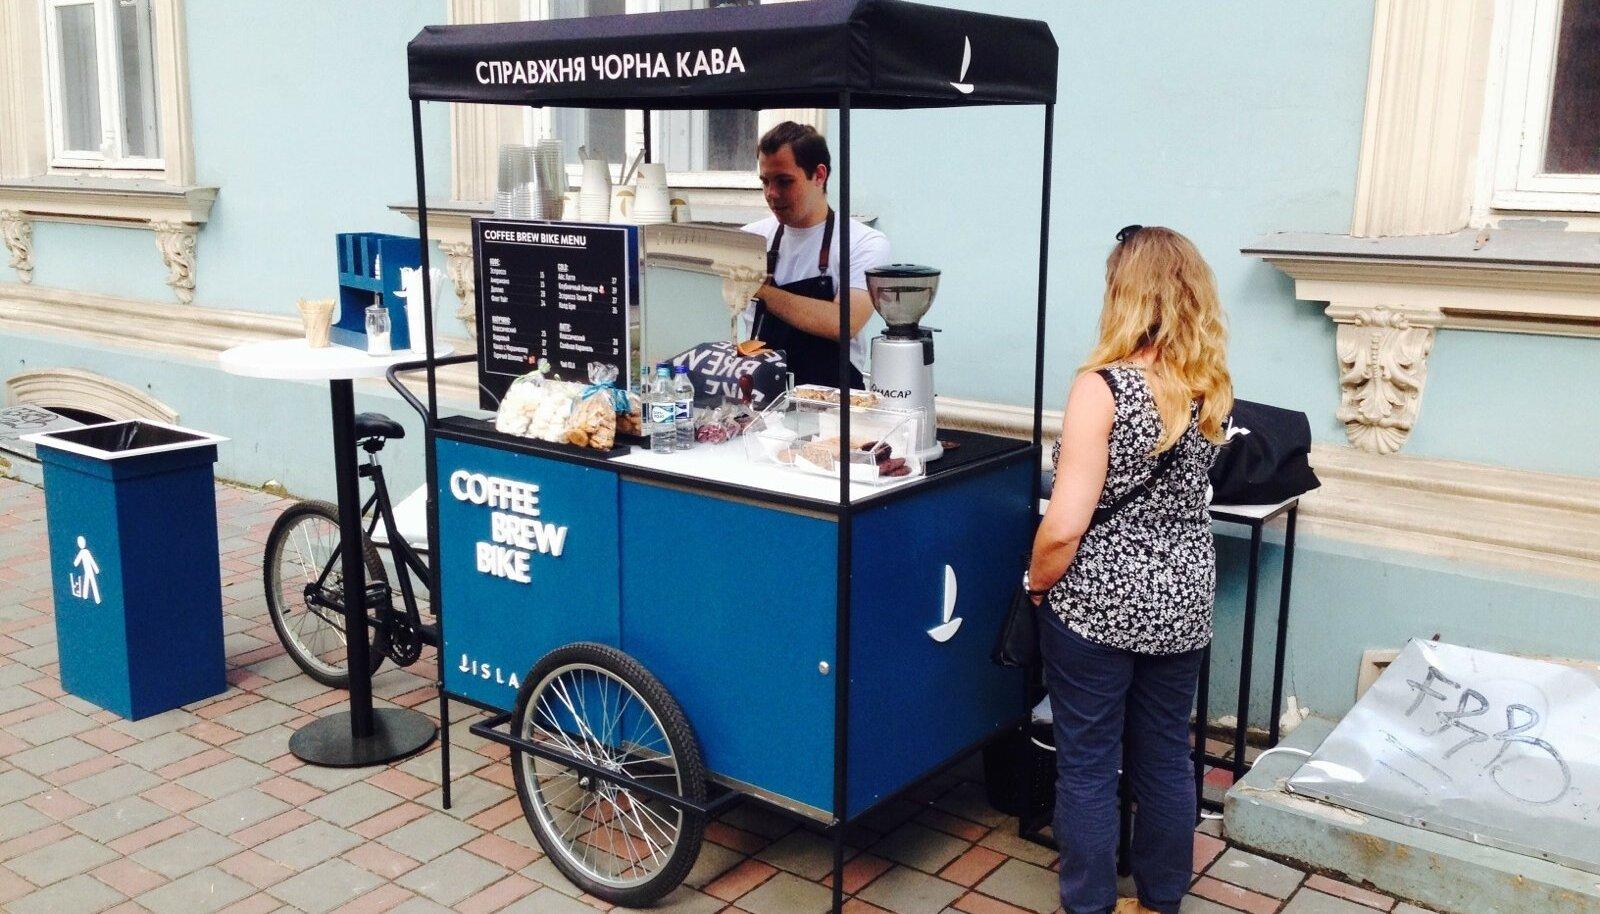 Odessa kohviautomaadid on ehitatud kõiksugustele liikuvatele vahenditele, autodest jalgratasteni.